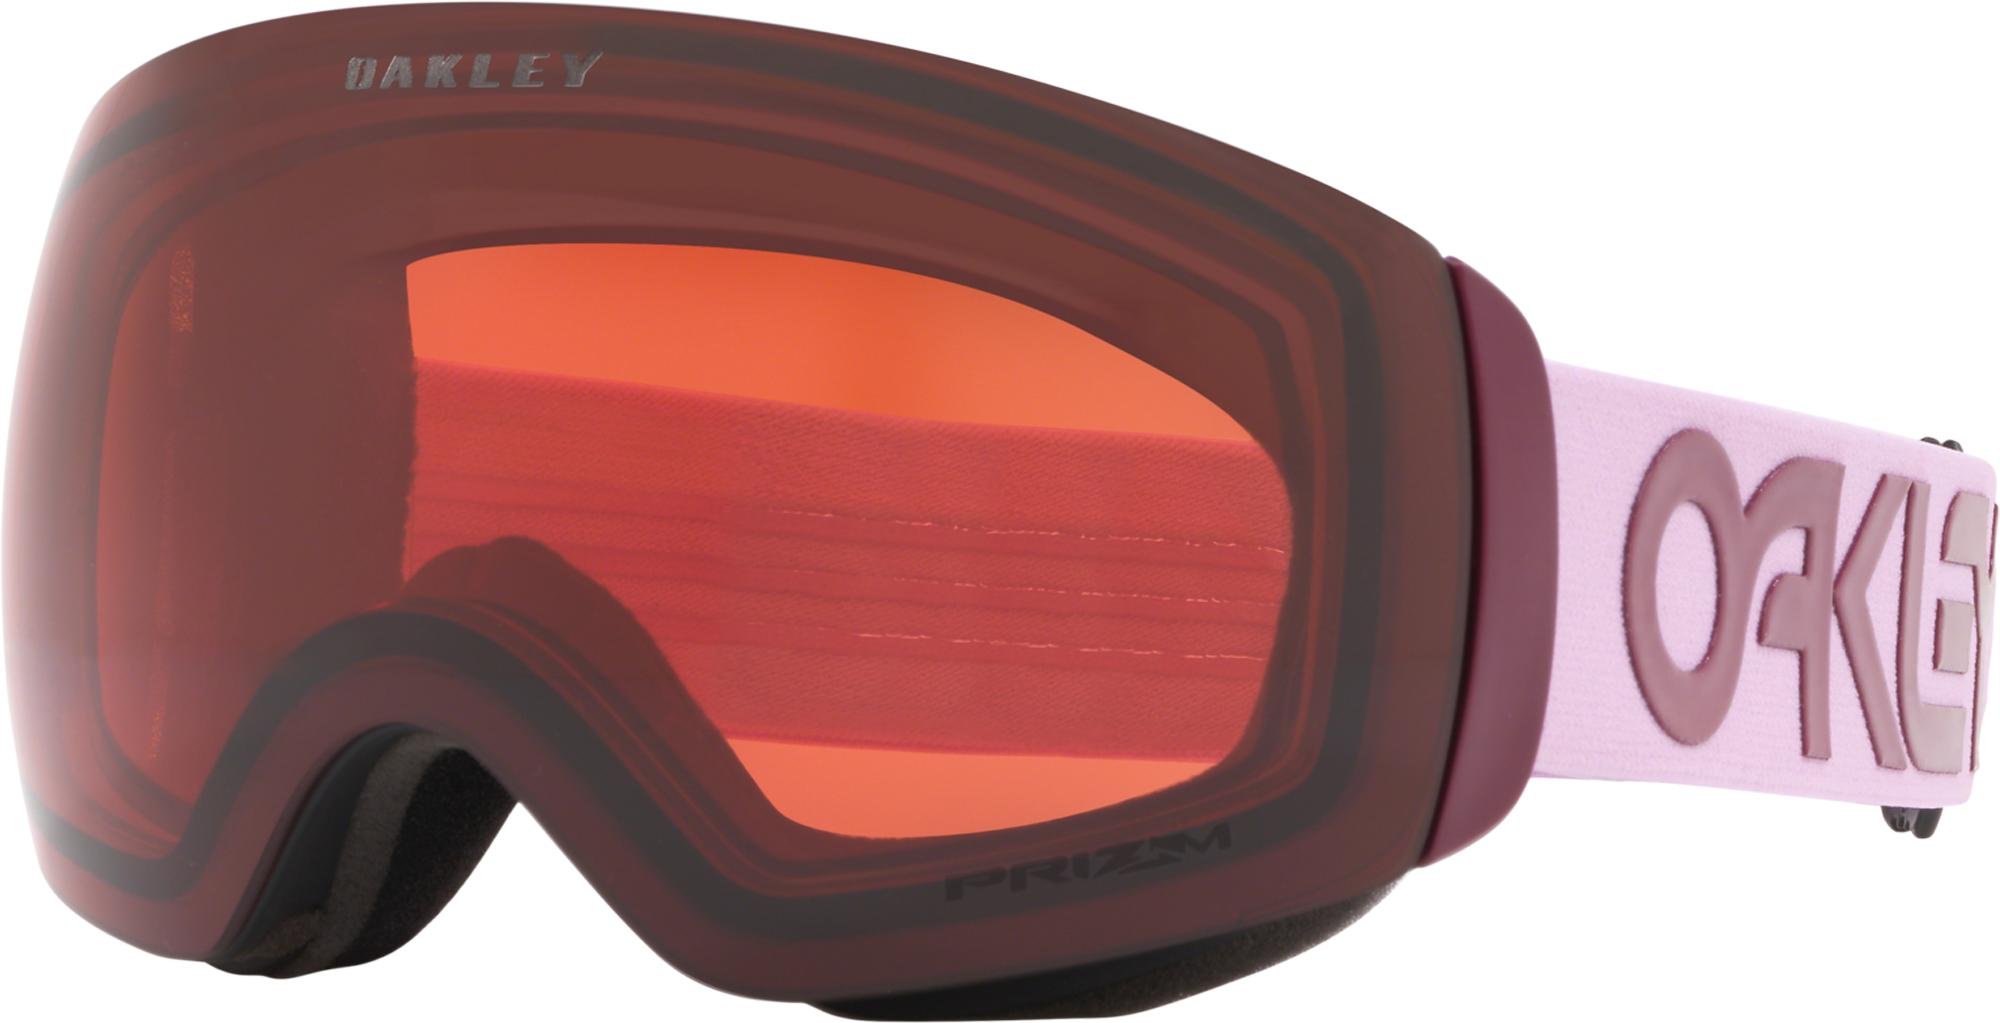 Oakley Маска со сменной линзой FLIGHT DECK XM